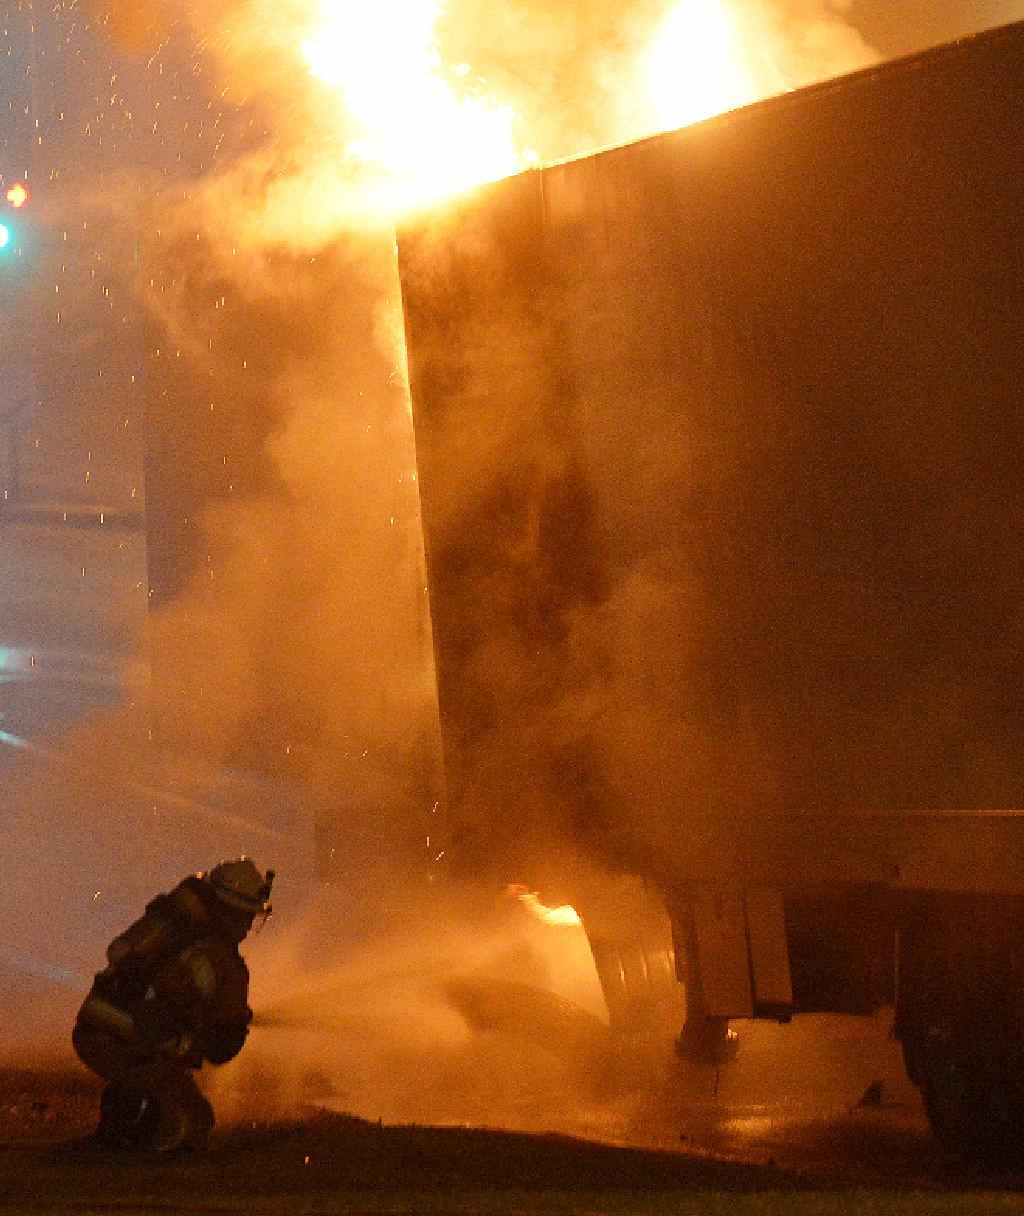 EMERGENCY: Firefighters battle the blaze.